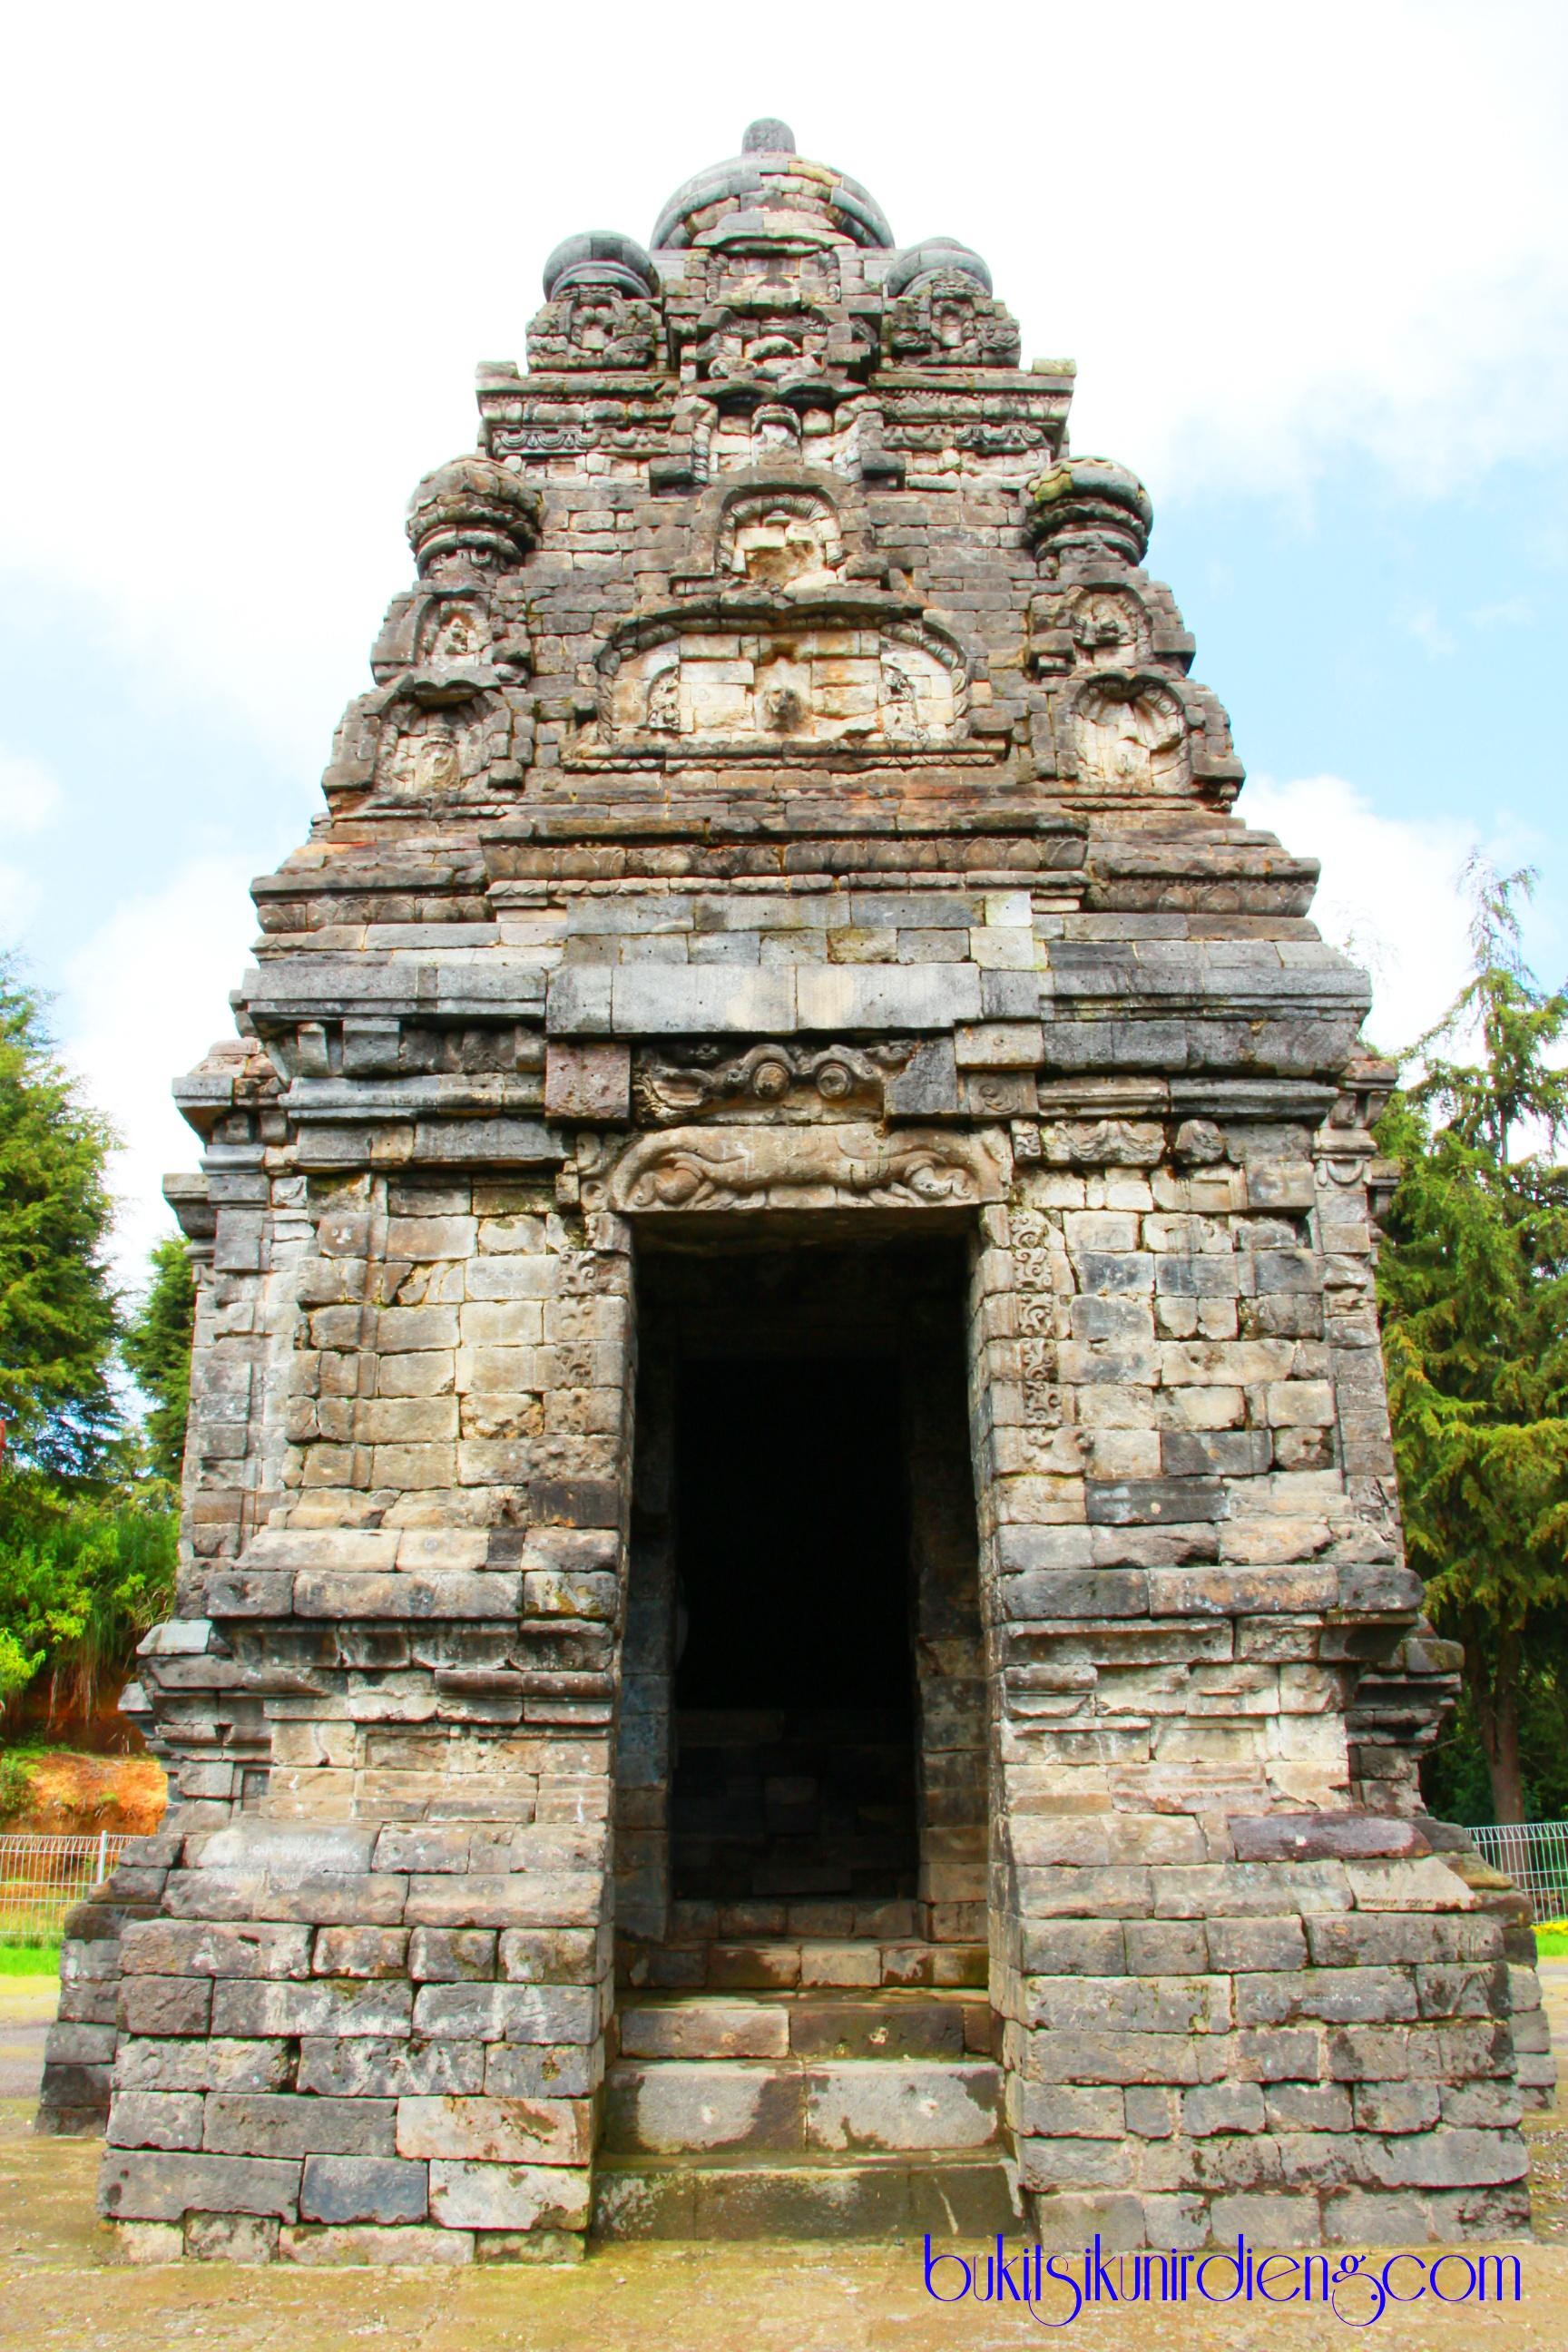 Candi Bima Bukit Sikunir Dieng Img 6376 1 Kab Banjarnegara